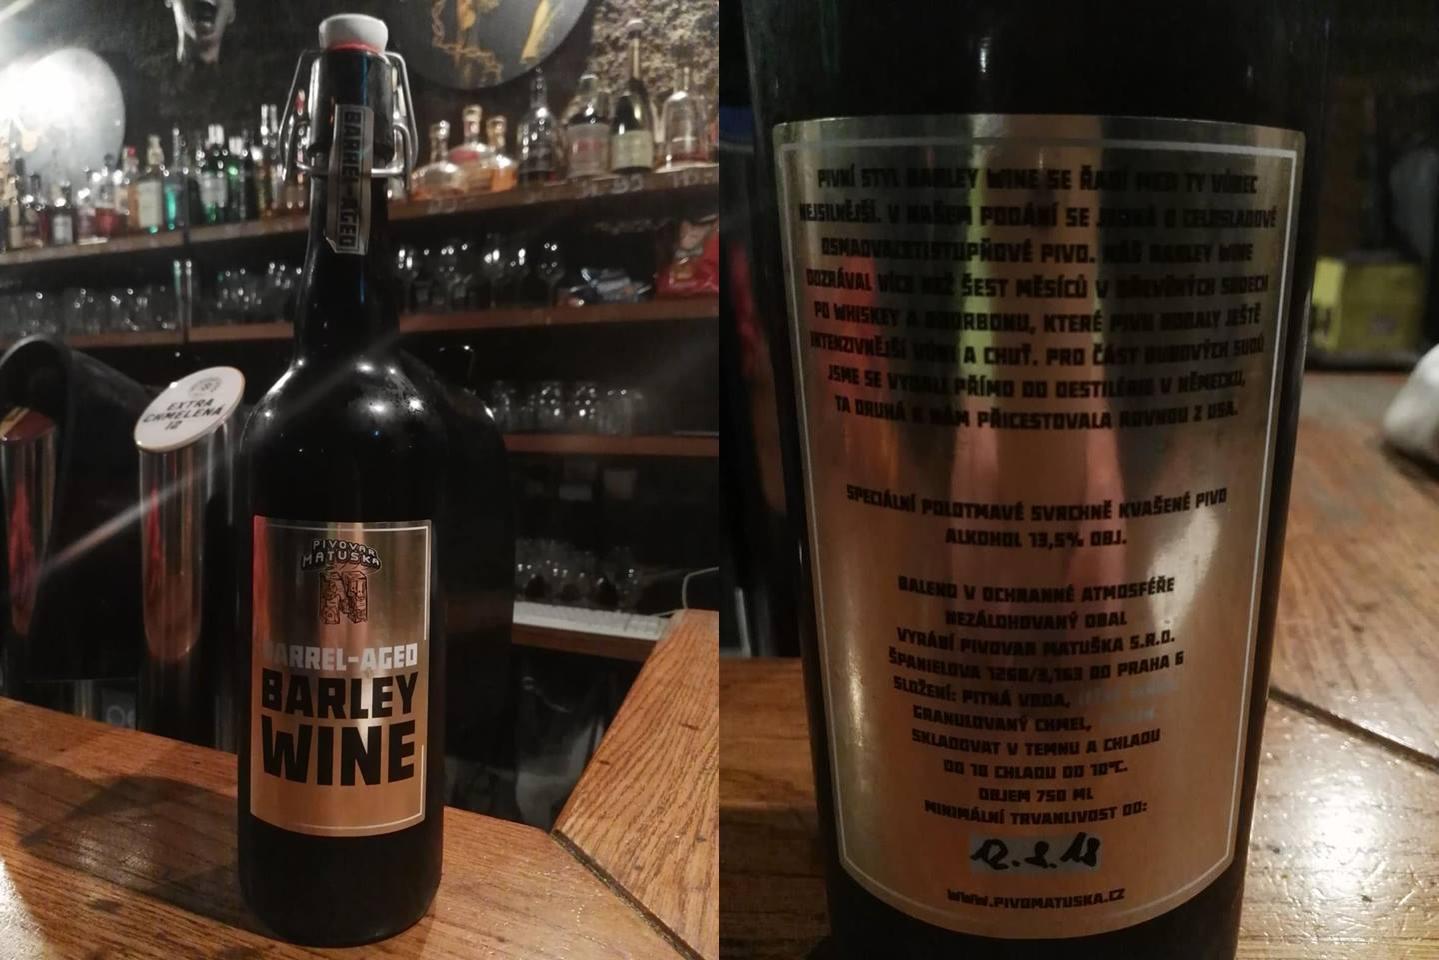 Matuška Barley Wine